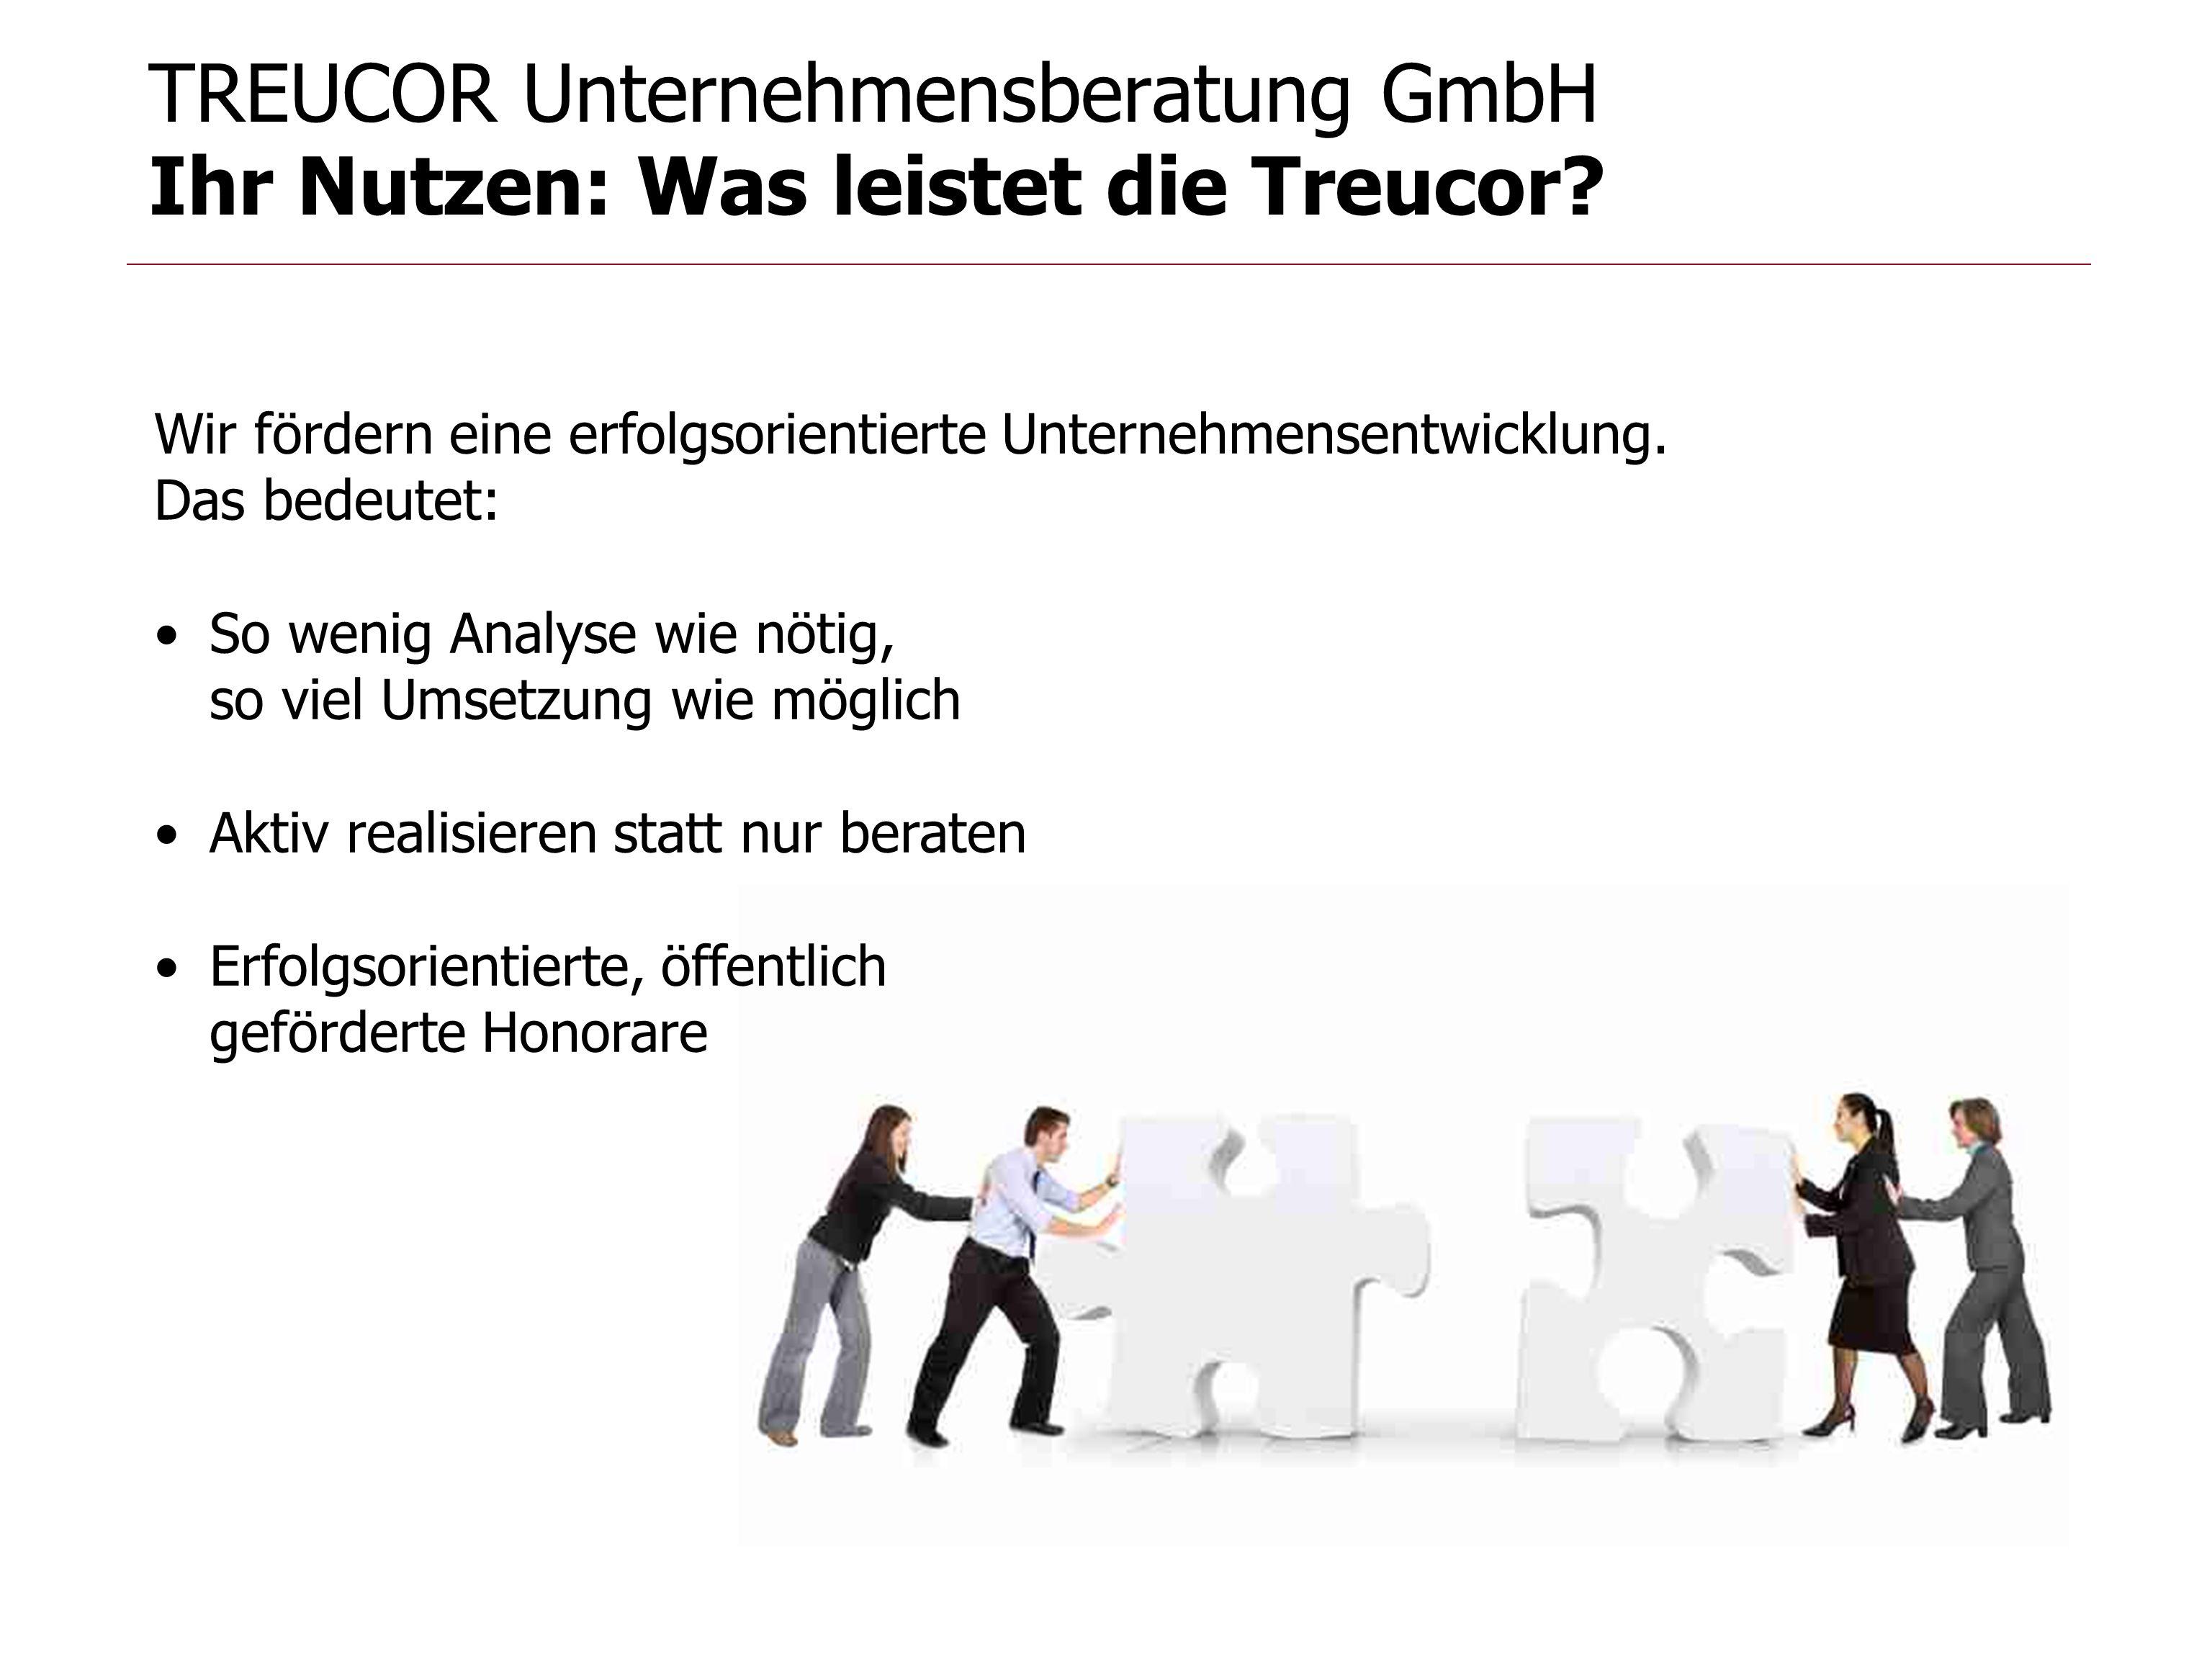 TREUCOR Unternehmensberatung GmbH Ihr Nutzen: Was leistet die Treucor? Wir fördern eine erfolgsorientierte Unternehmensentwicklung. Das bedeutet: So w